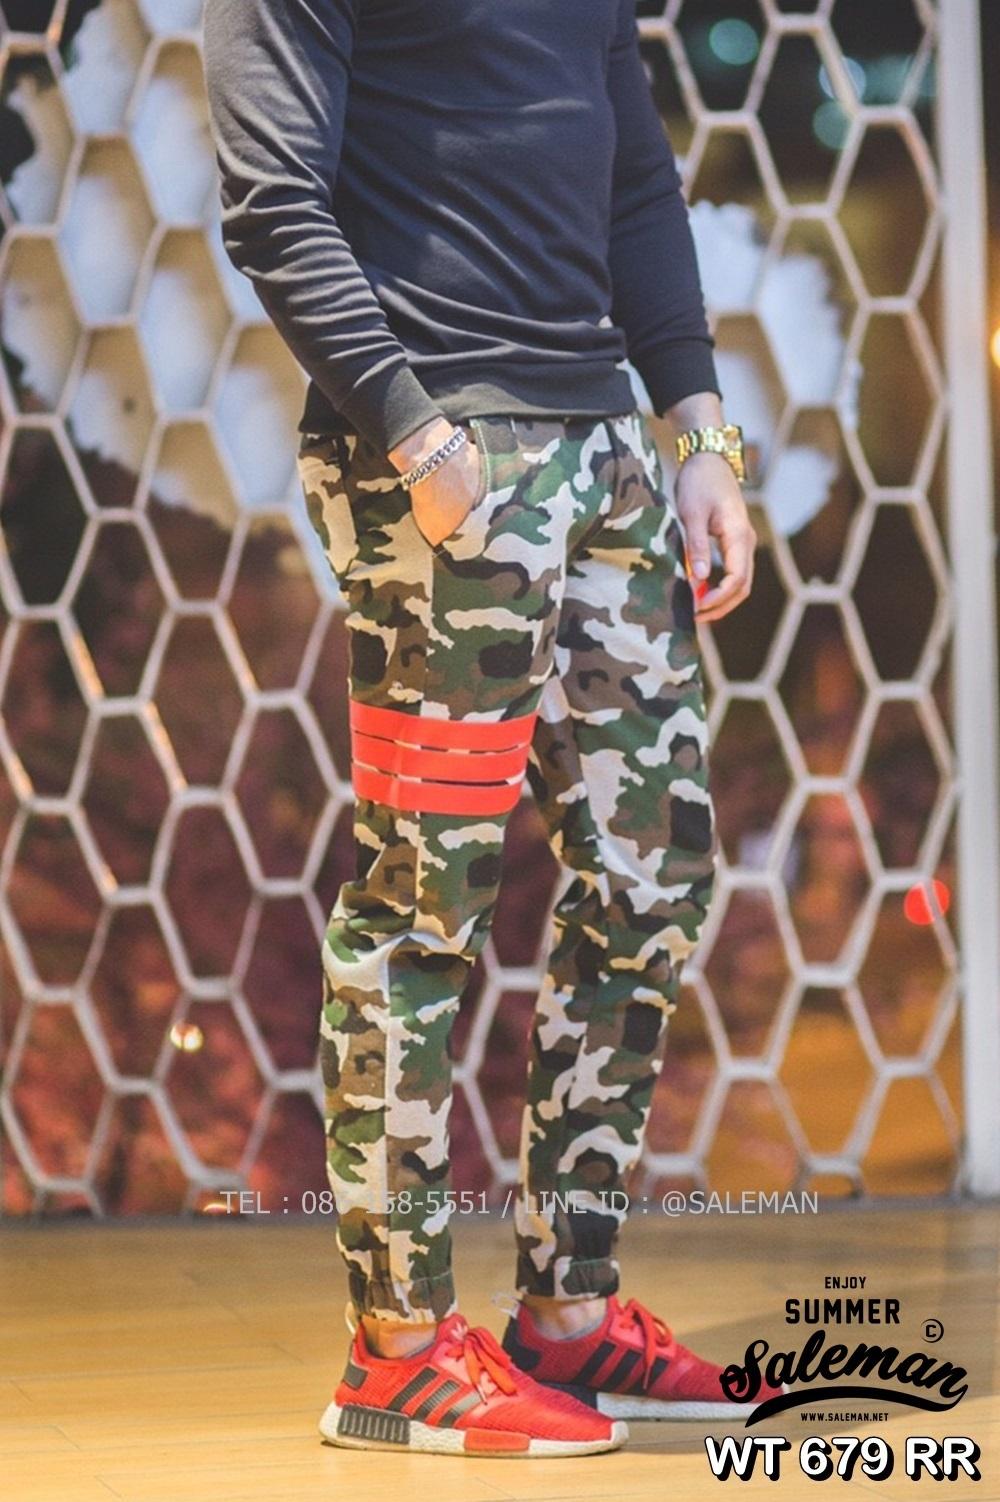 กางเกง Jogger ขาจั๊ม พรีเมี่ยม ผ้า วอร์ม รหัส WT 679 RR สีทหาร แถบ แดง